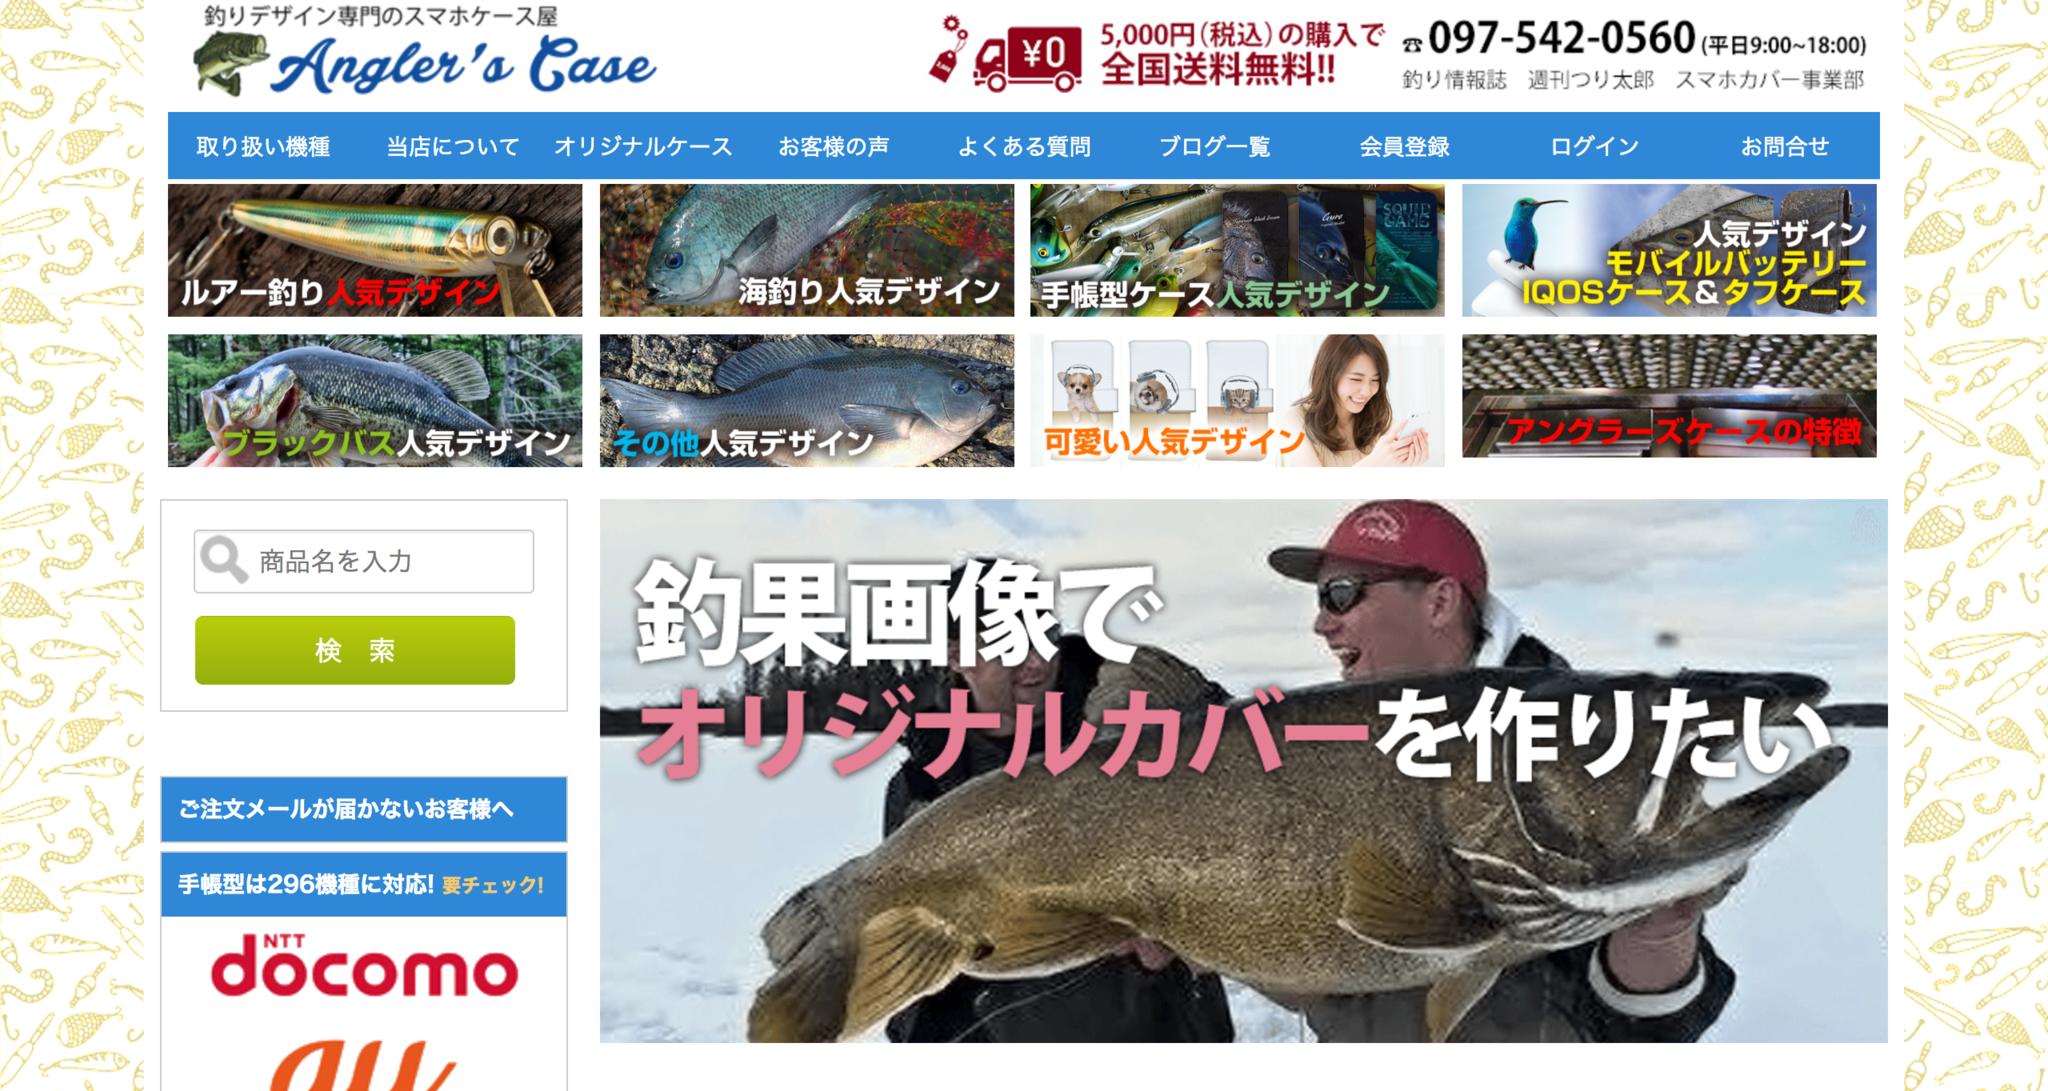 オリジナルスマホカバーの作成___釣り&魚好き専用スマホケース屋 Angler_s_Case.png